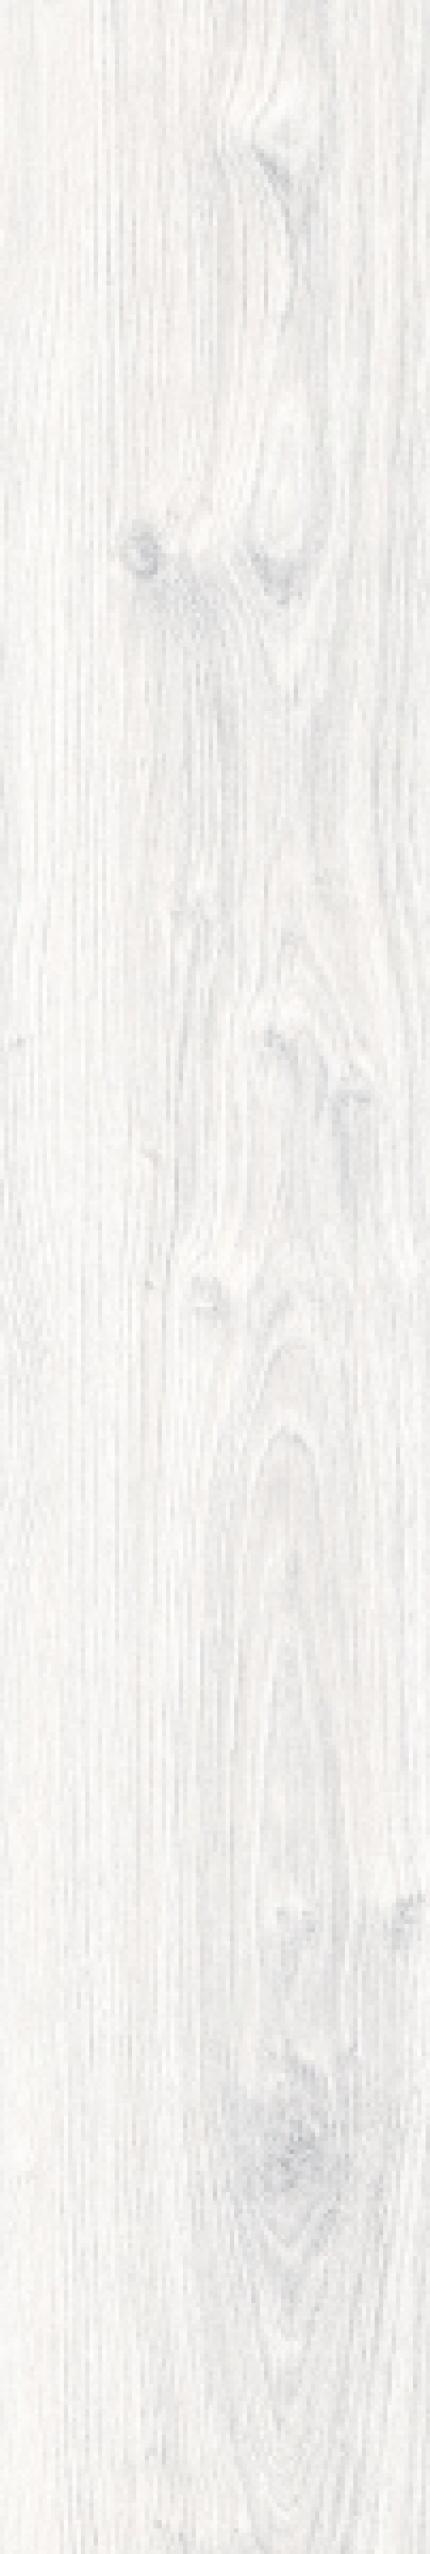 Аян 8300 - 120*20